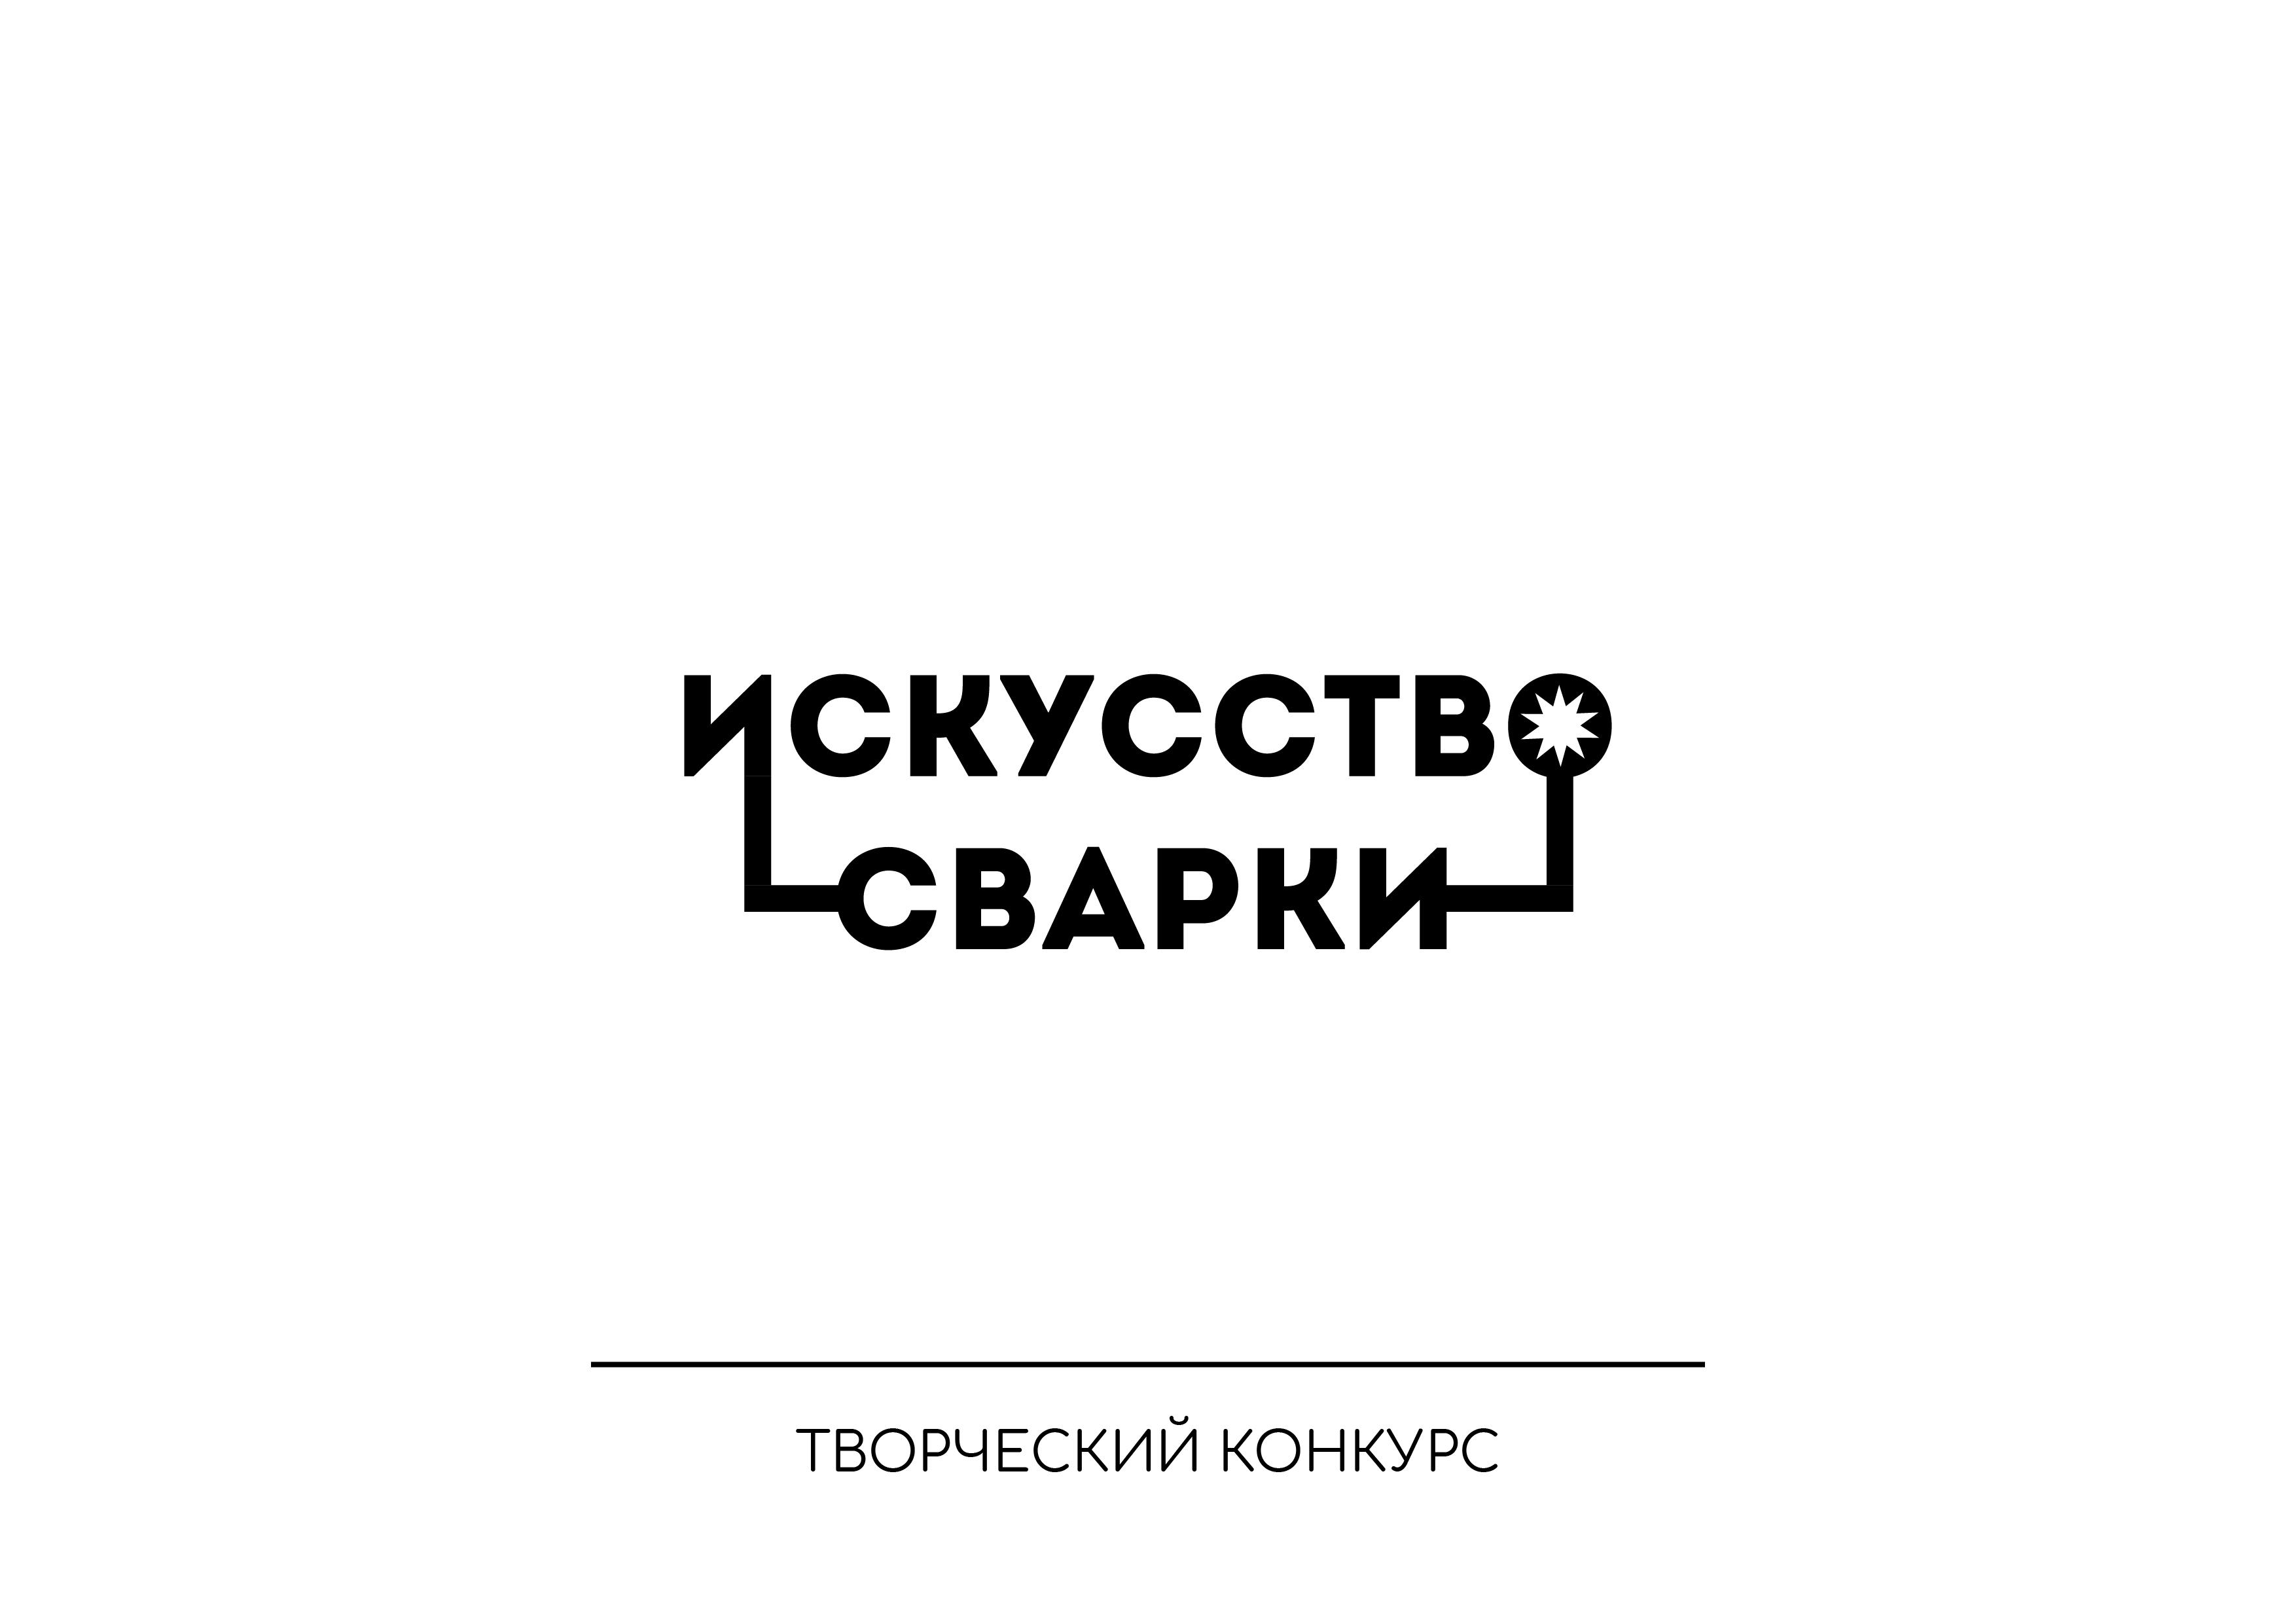 Разработка логотипа для Конкурса фото f_4835f6e3a5f82364.jpg